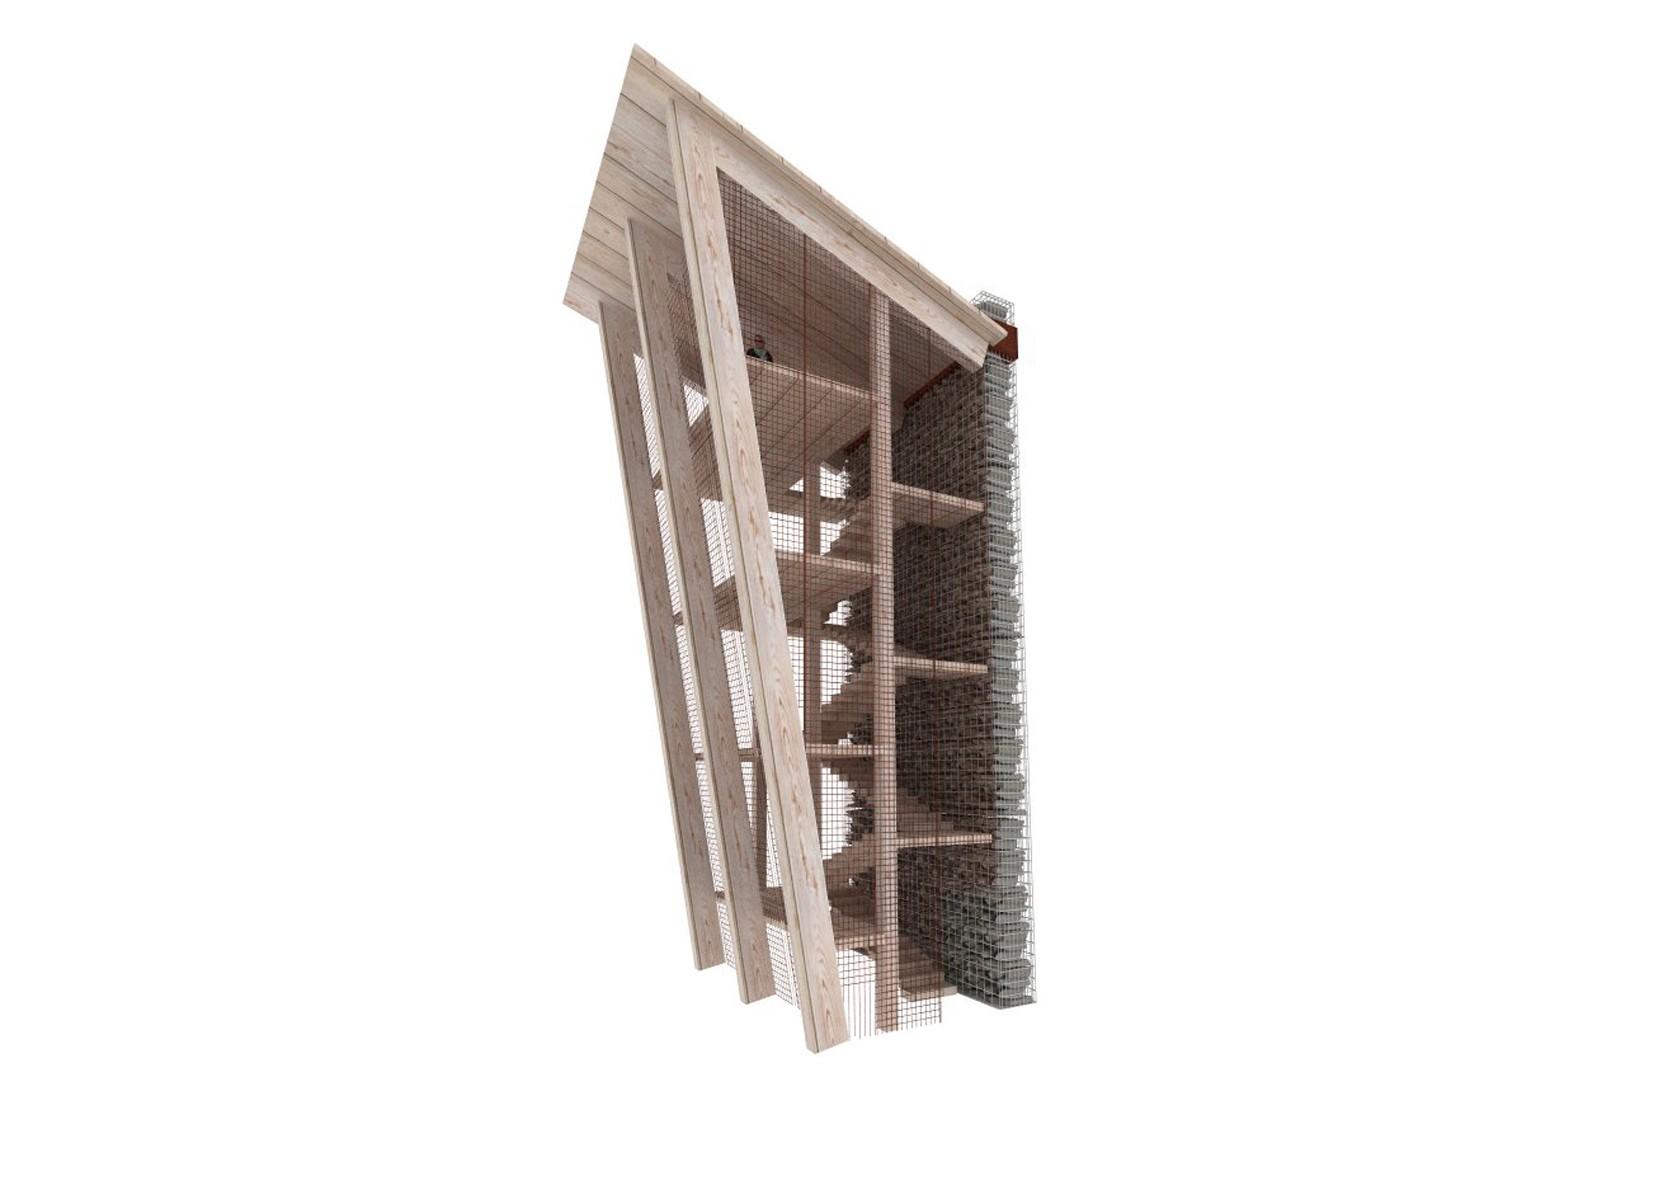 szlak jana III sobieskiego mała architektura